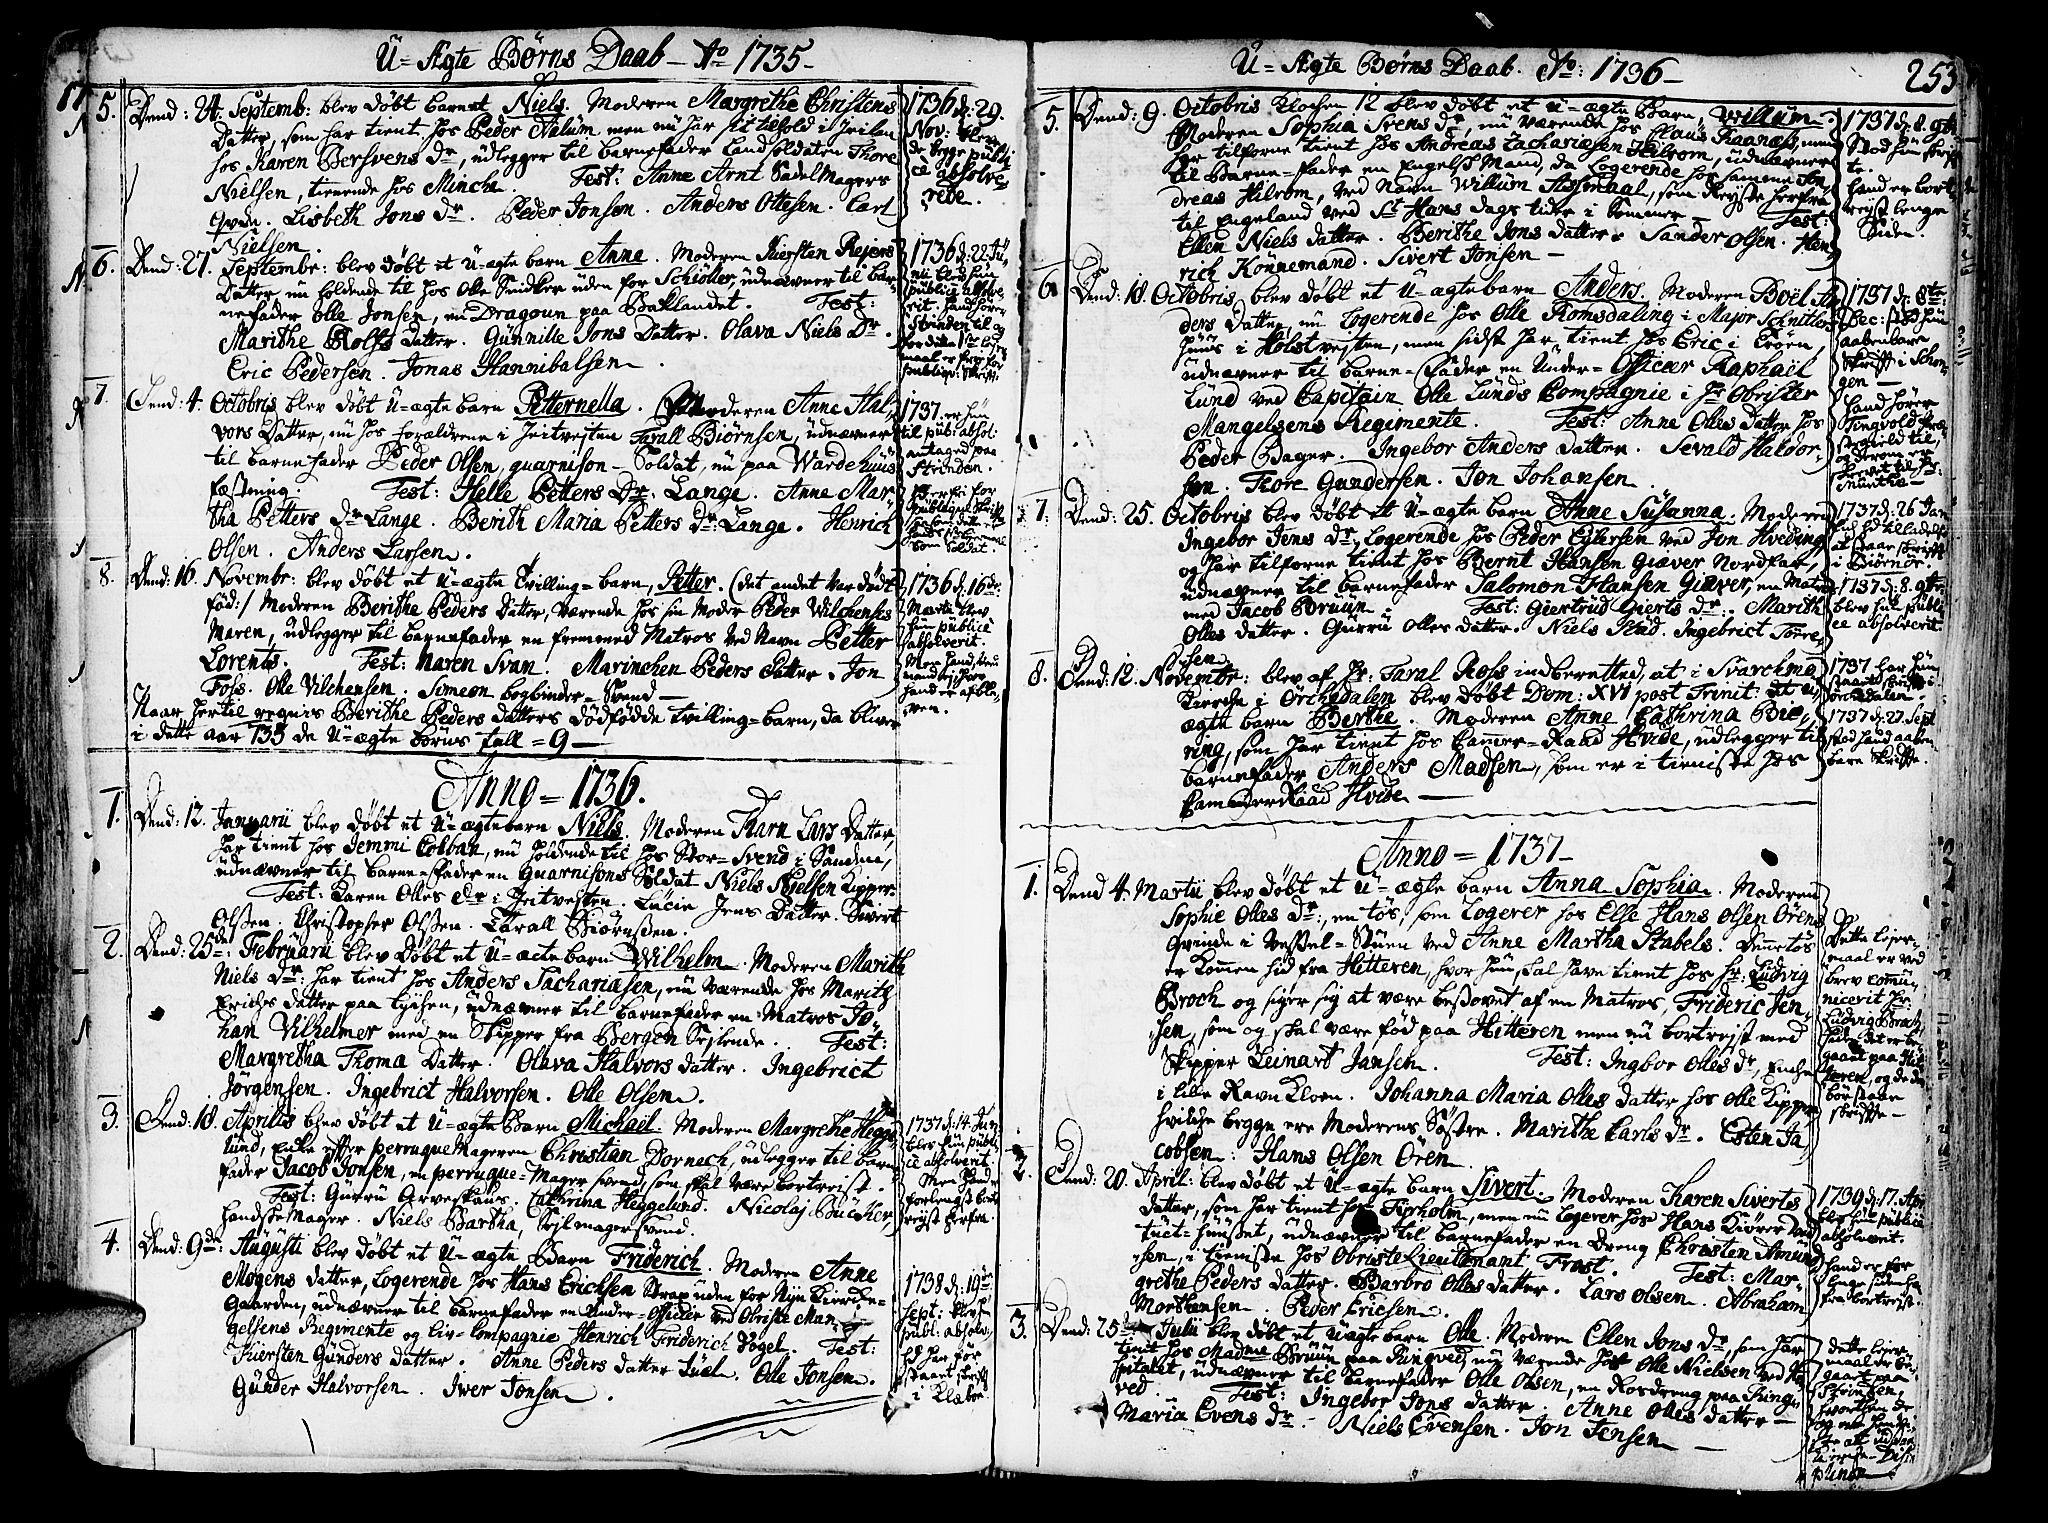 SAT, Ministerialprotokoller, klokkerbøker og fødselsregistre - Sør-Trøndelag, 602/L0103: Ministerialbok nr. 602A01, 1732-1774, s. 253